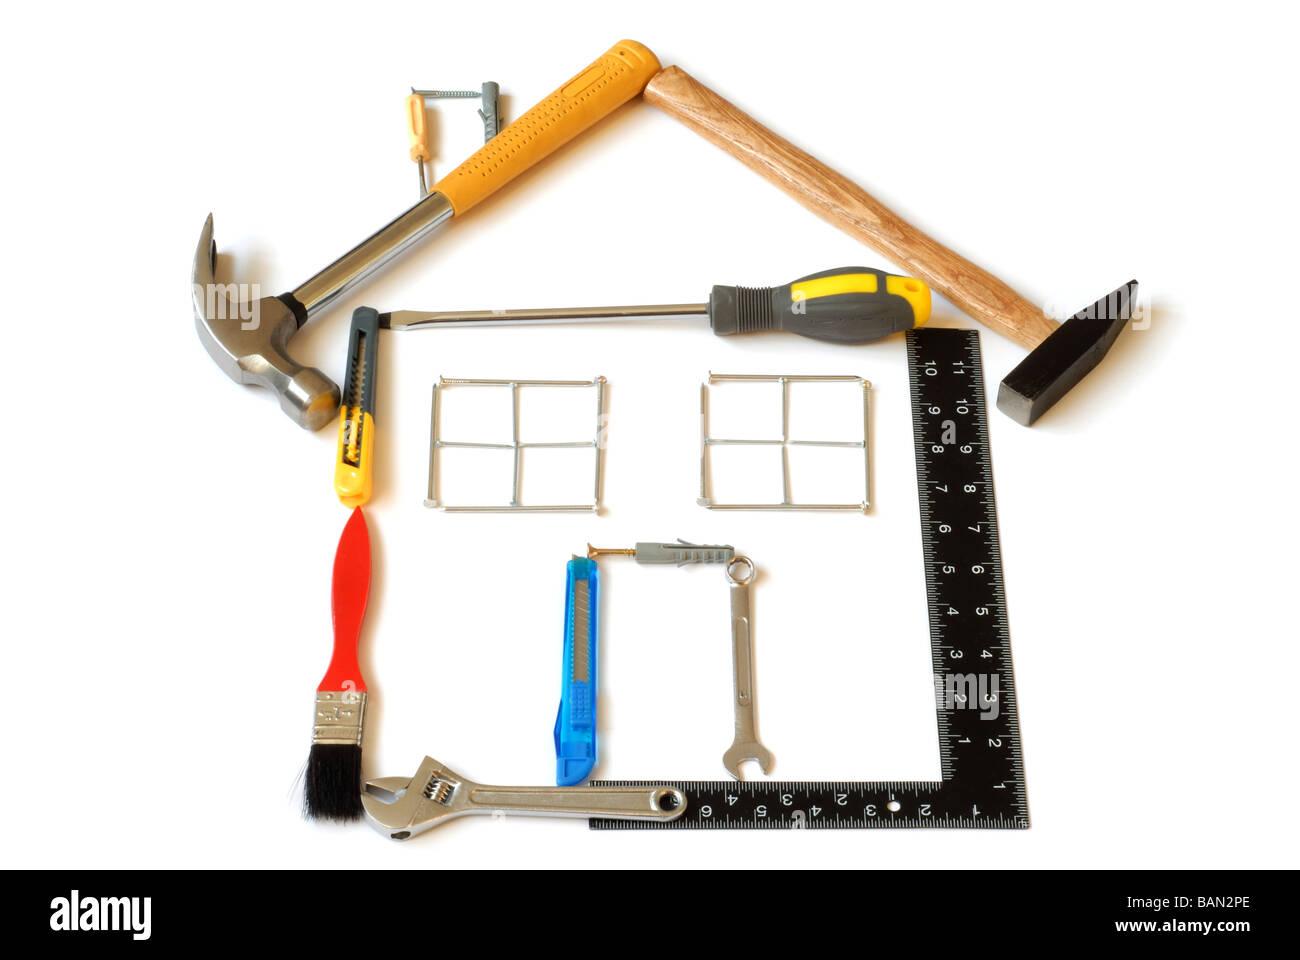 Casa de herramientas Imagen De Stock